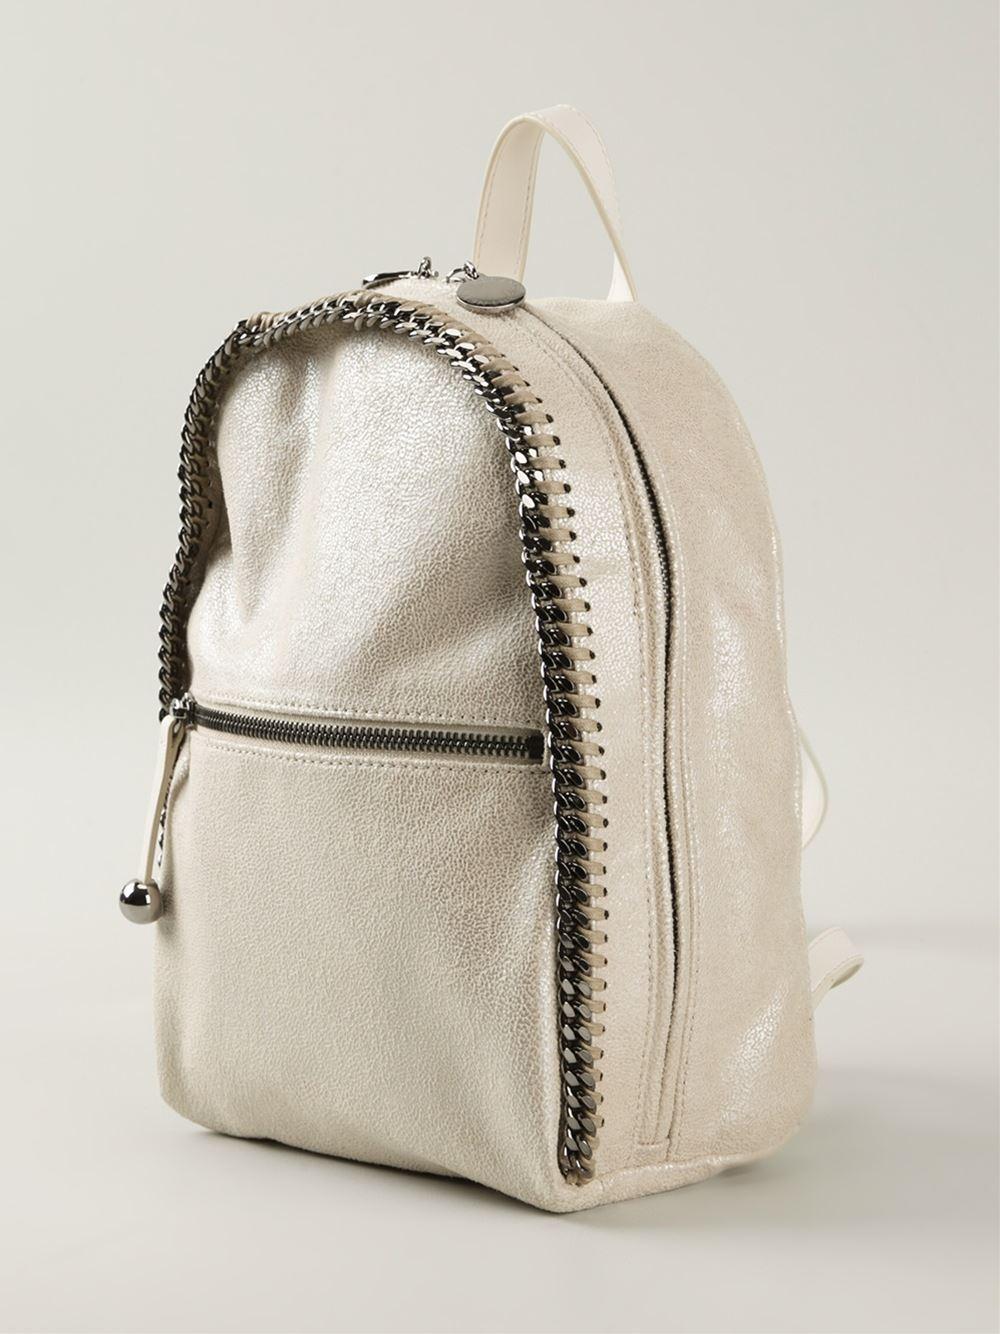 stella mccartney 39 falabella 39 backpack in natural lyst. Black Bedroom Furniture Sets. Home Design Ideas